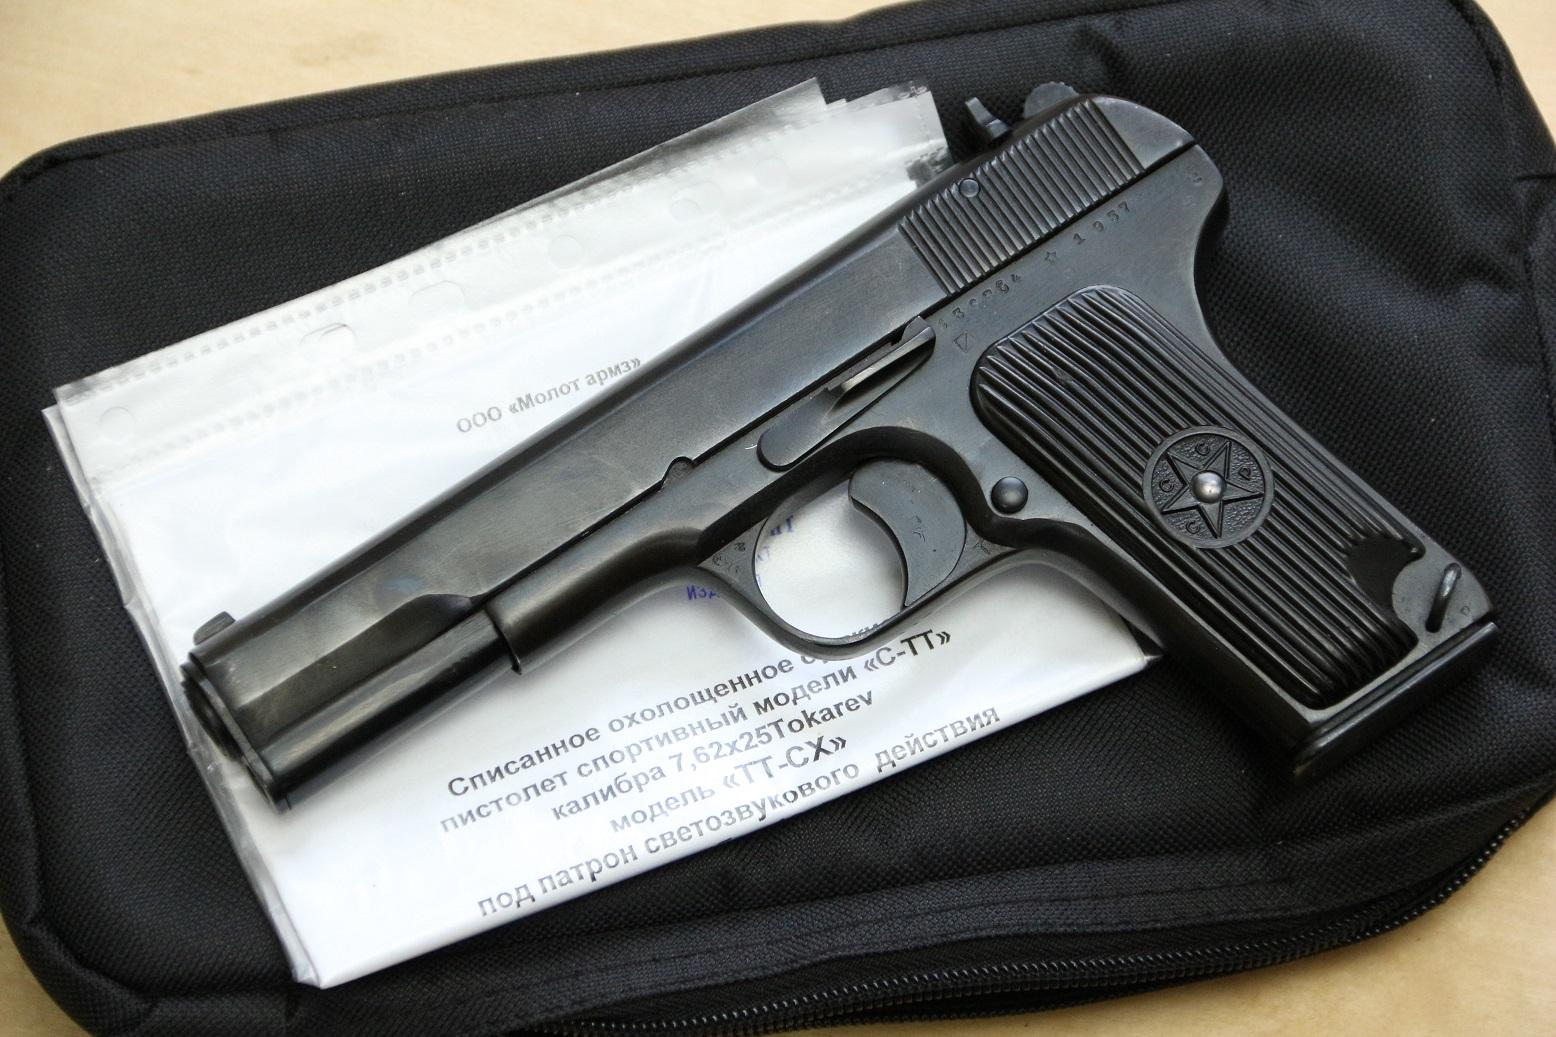 Охолощенный пистолет ТТ-СХ 1937 года №36864, НОВЫЙ ДЕАКТИВ 2020 года